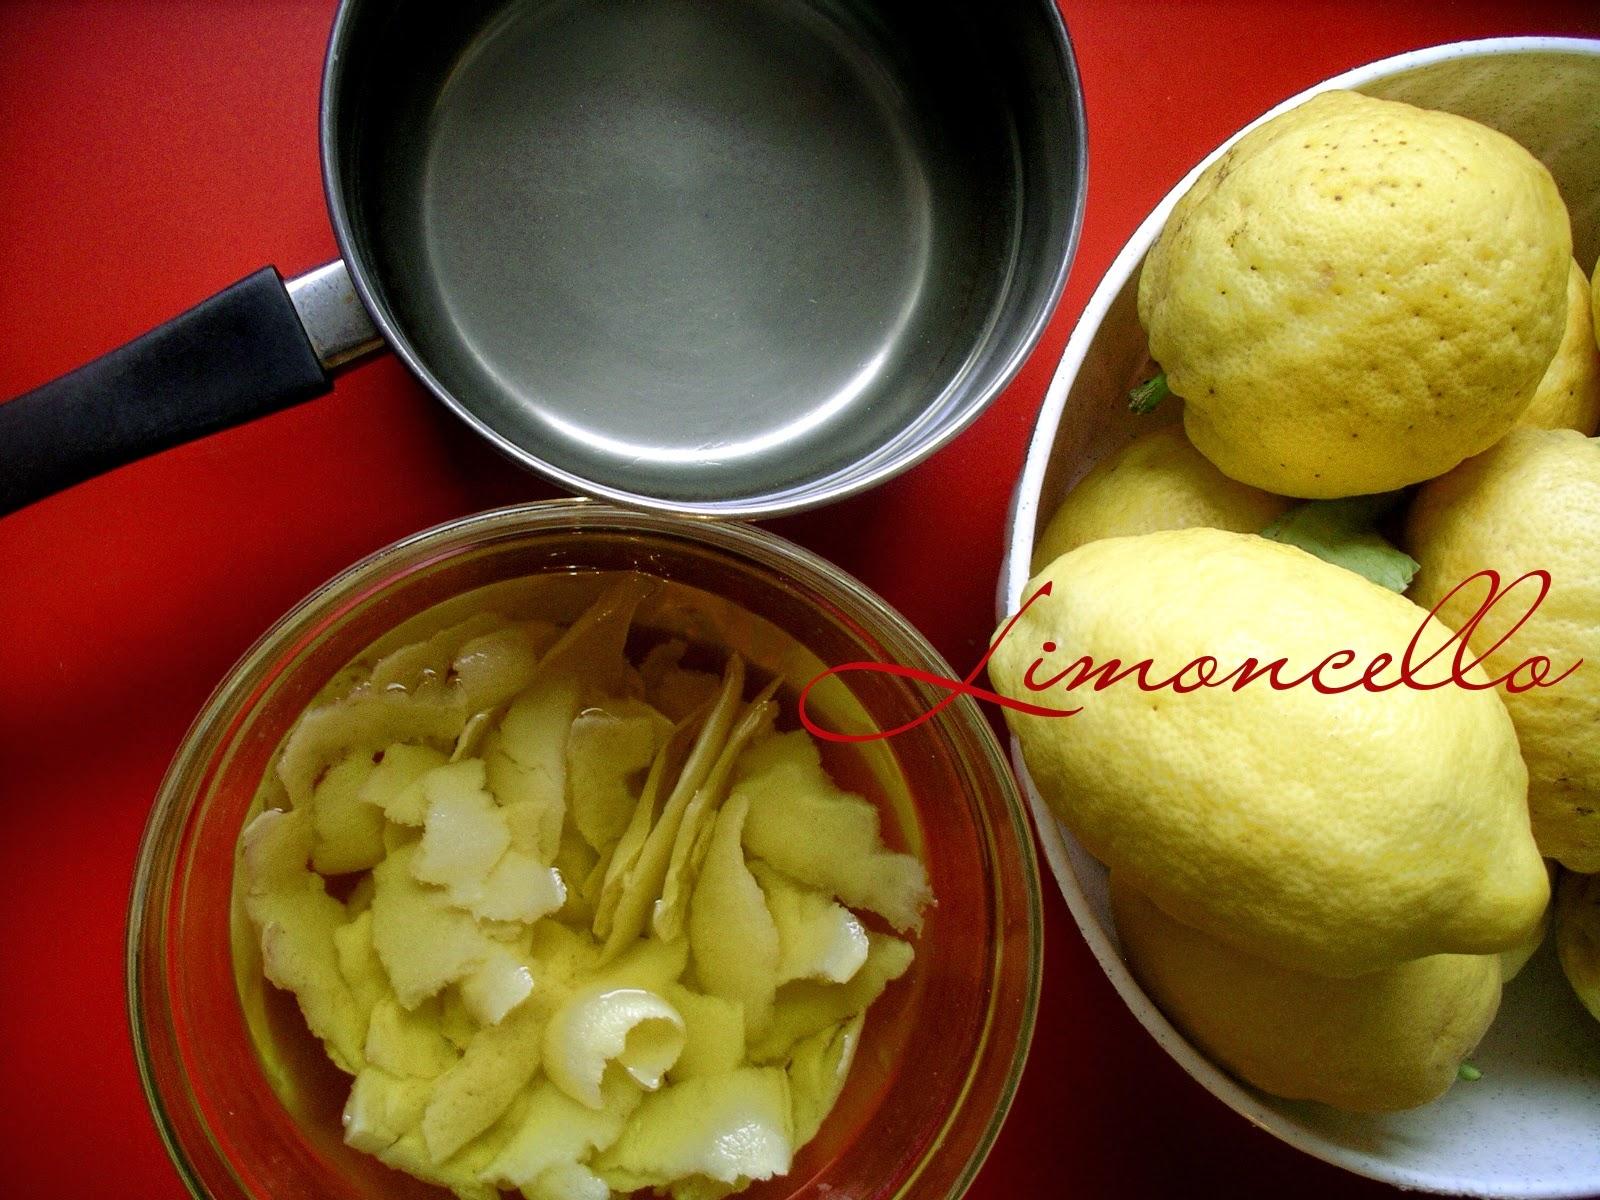 la ricetta del limoncello fatto in casa di soli limoni alcool acqua e zucchero